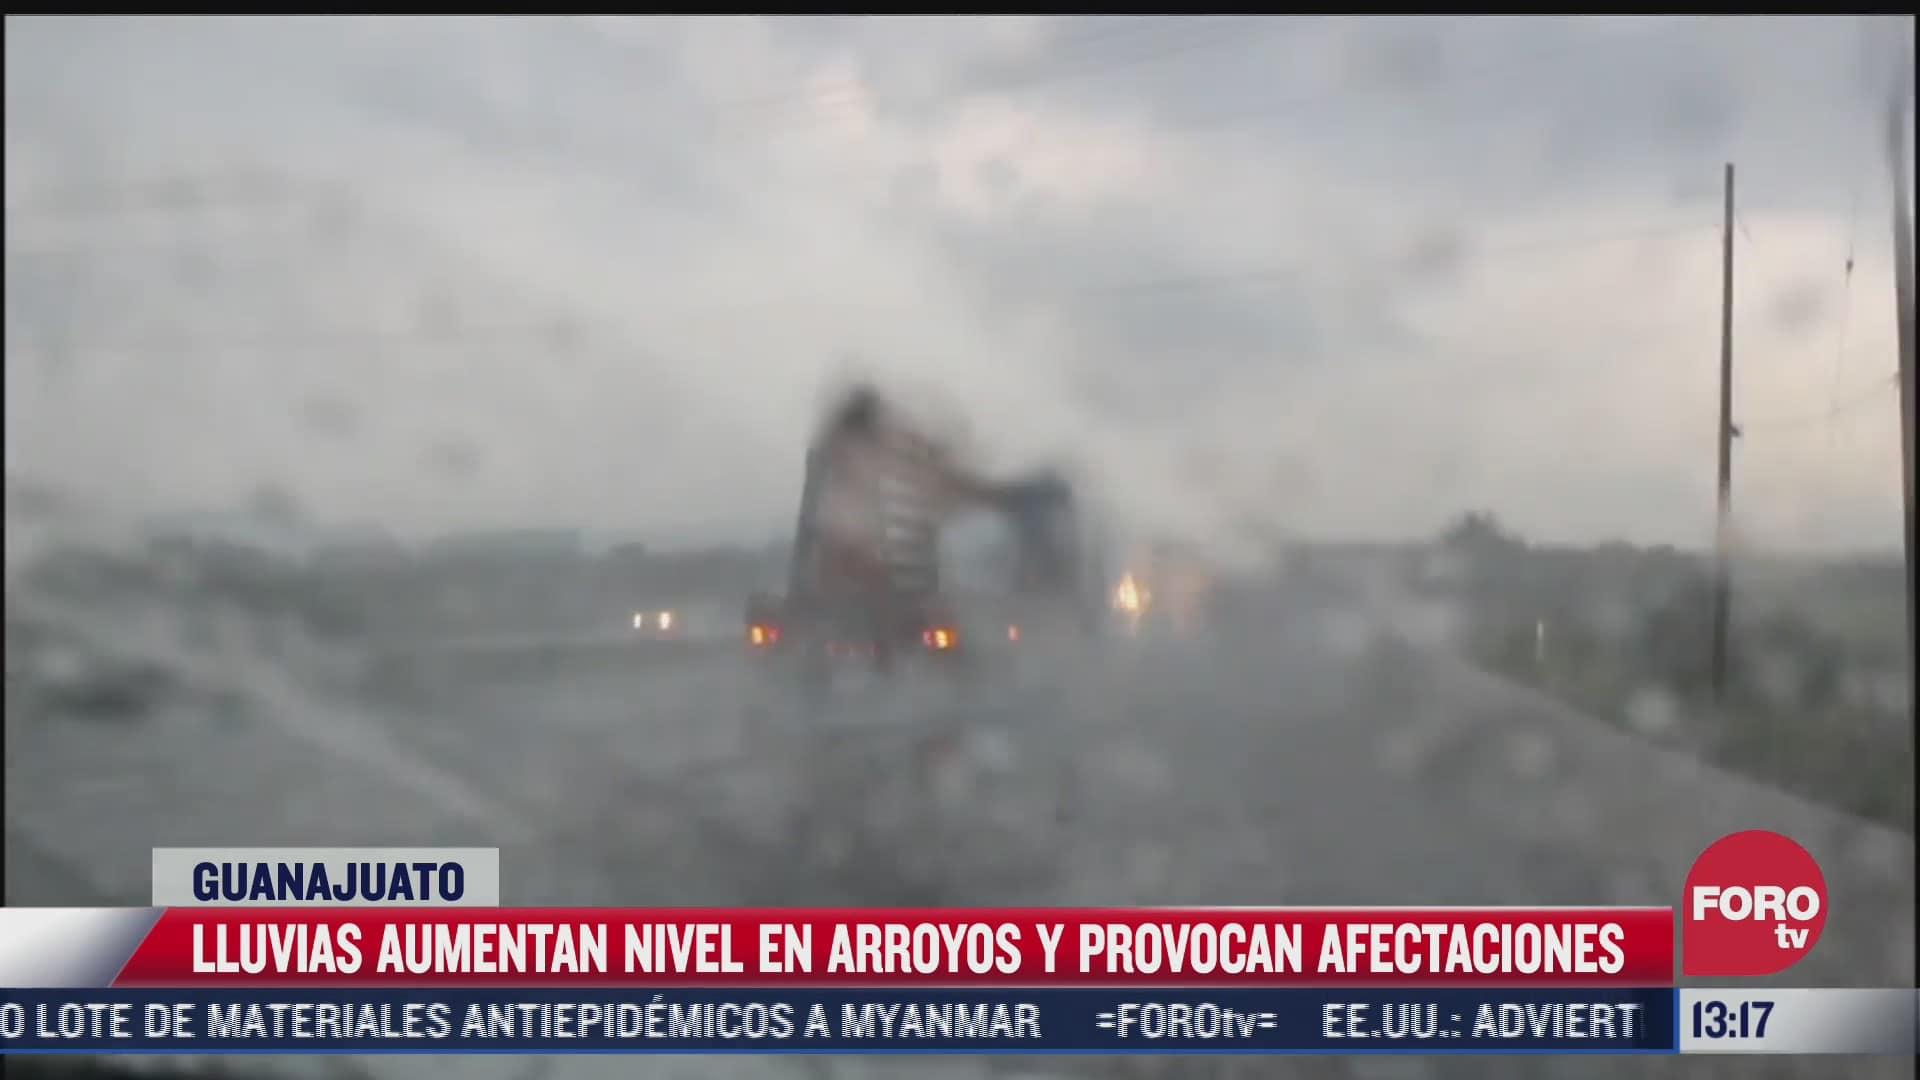 lluvias provocan afectaciones en guanajuato